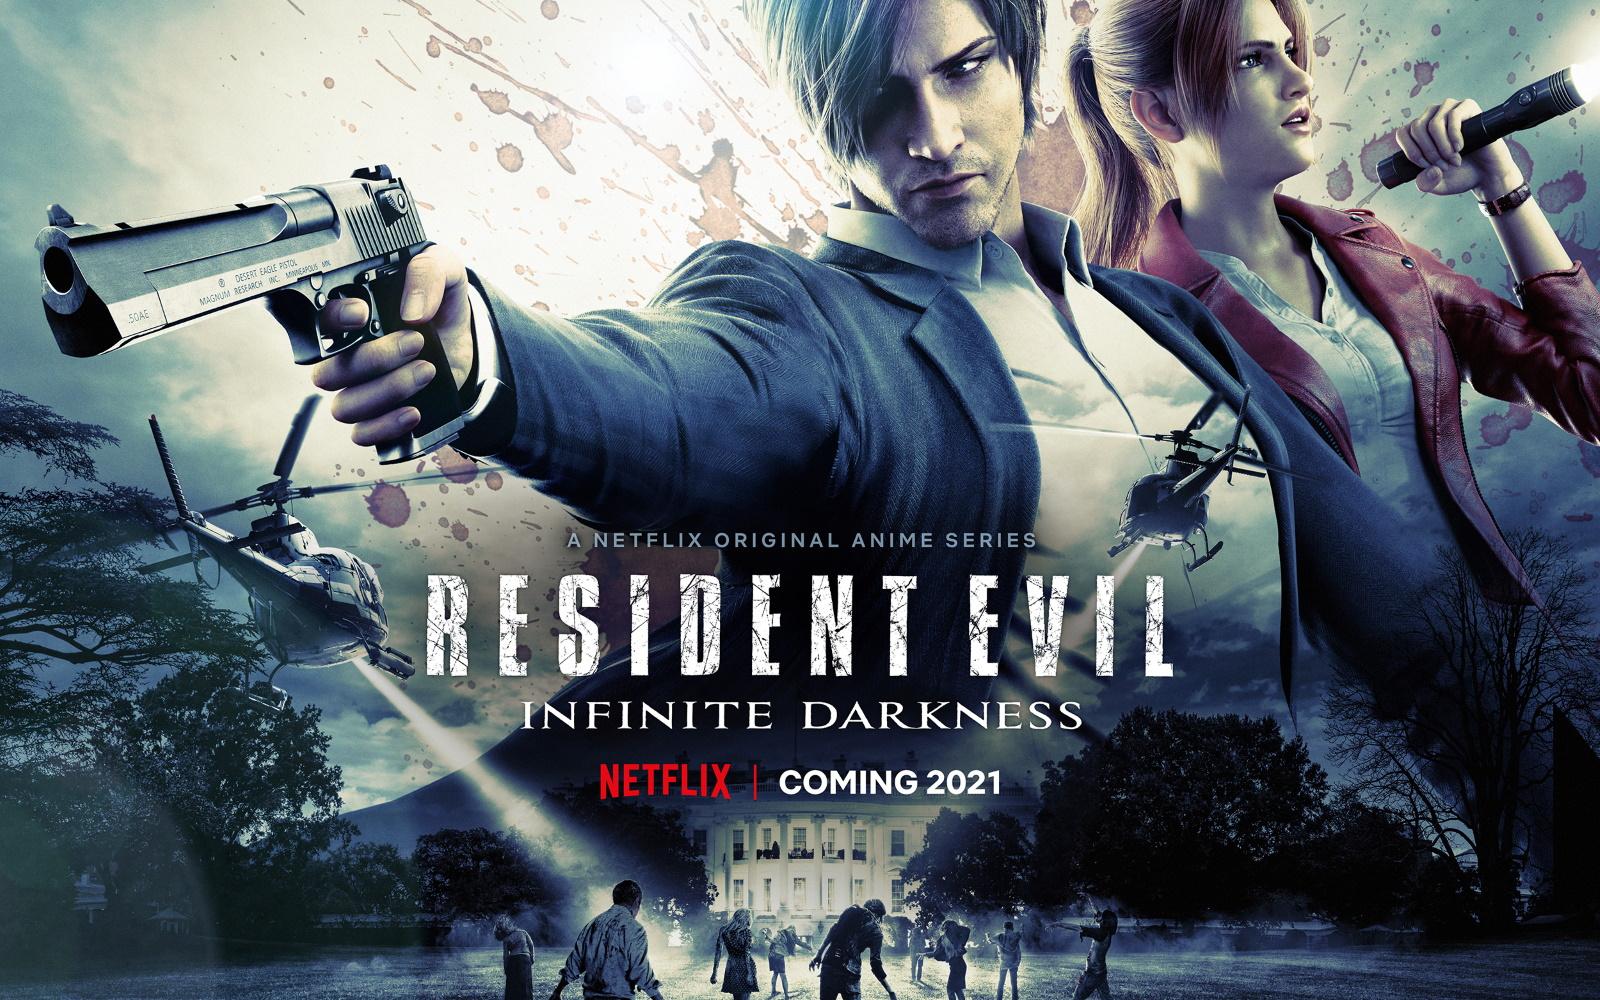 Netflix Release New Trailer For Resident Evil Infinite Darkness